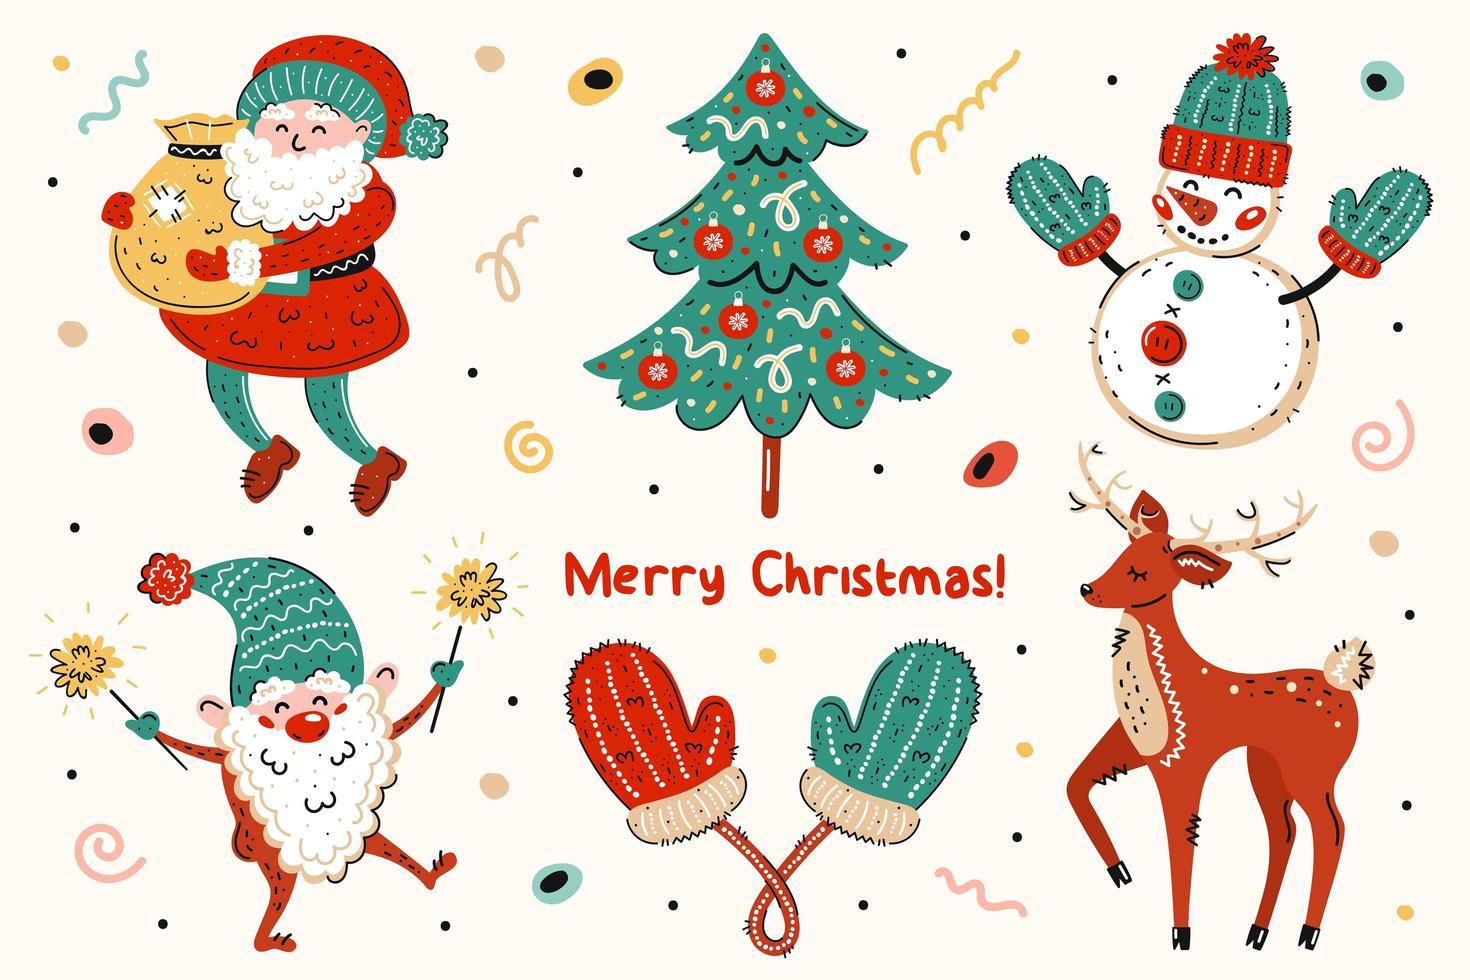 Père Noël, arbre de Noël, bonhomme de neige, elfe, mitaines, ensemble de cerfs vecteur